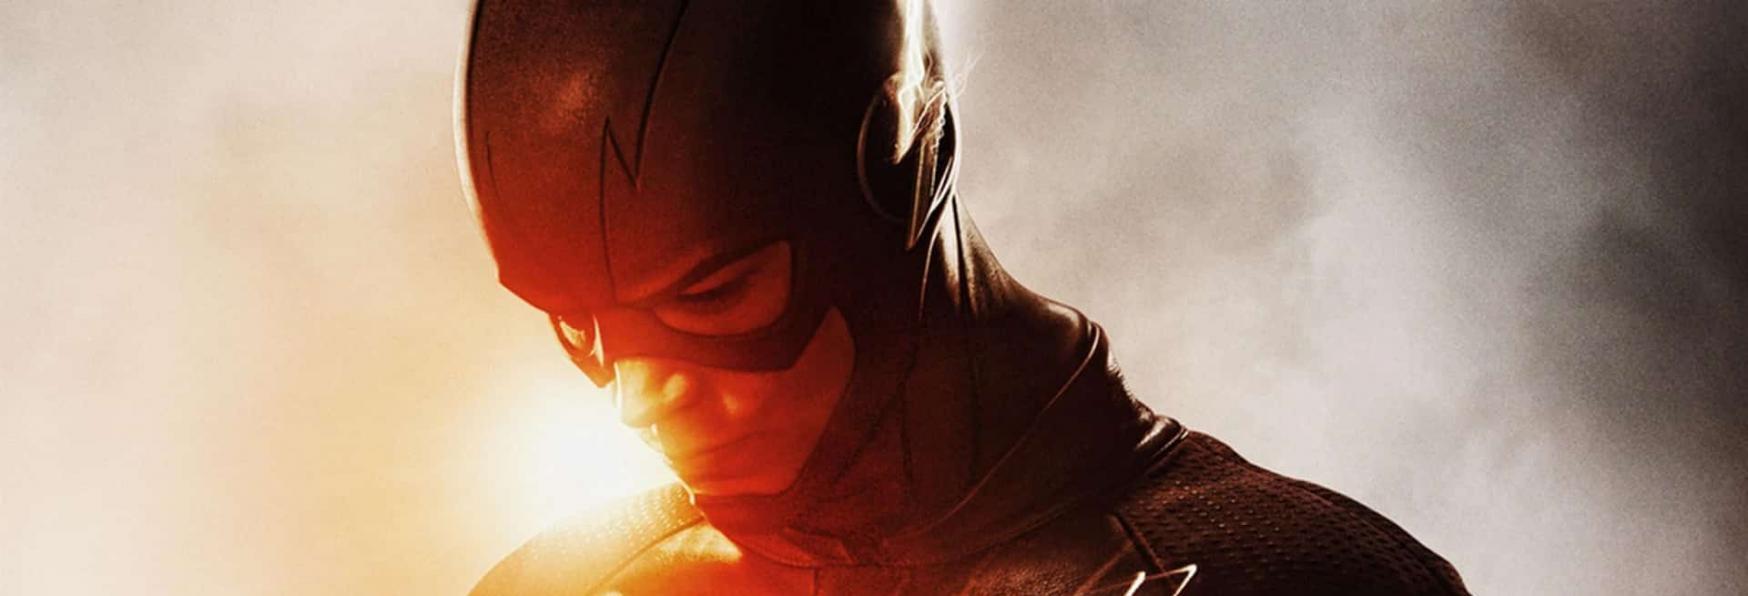 The Flash 7: Trama, Cast, Data d'Uscita e Trailer della serie targata The CW